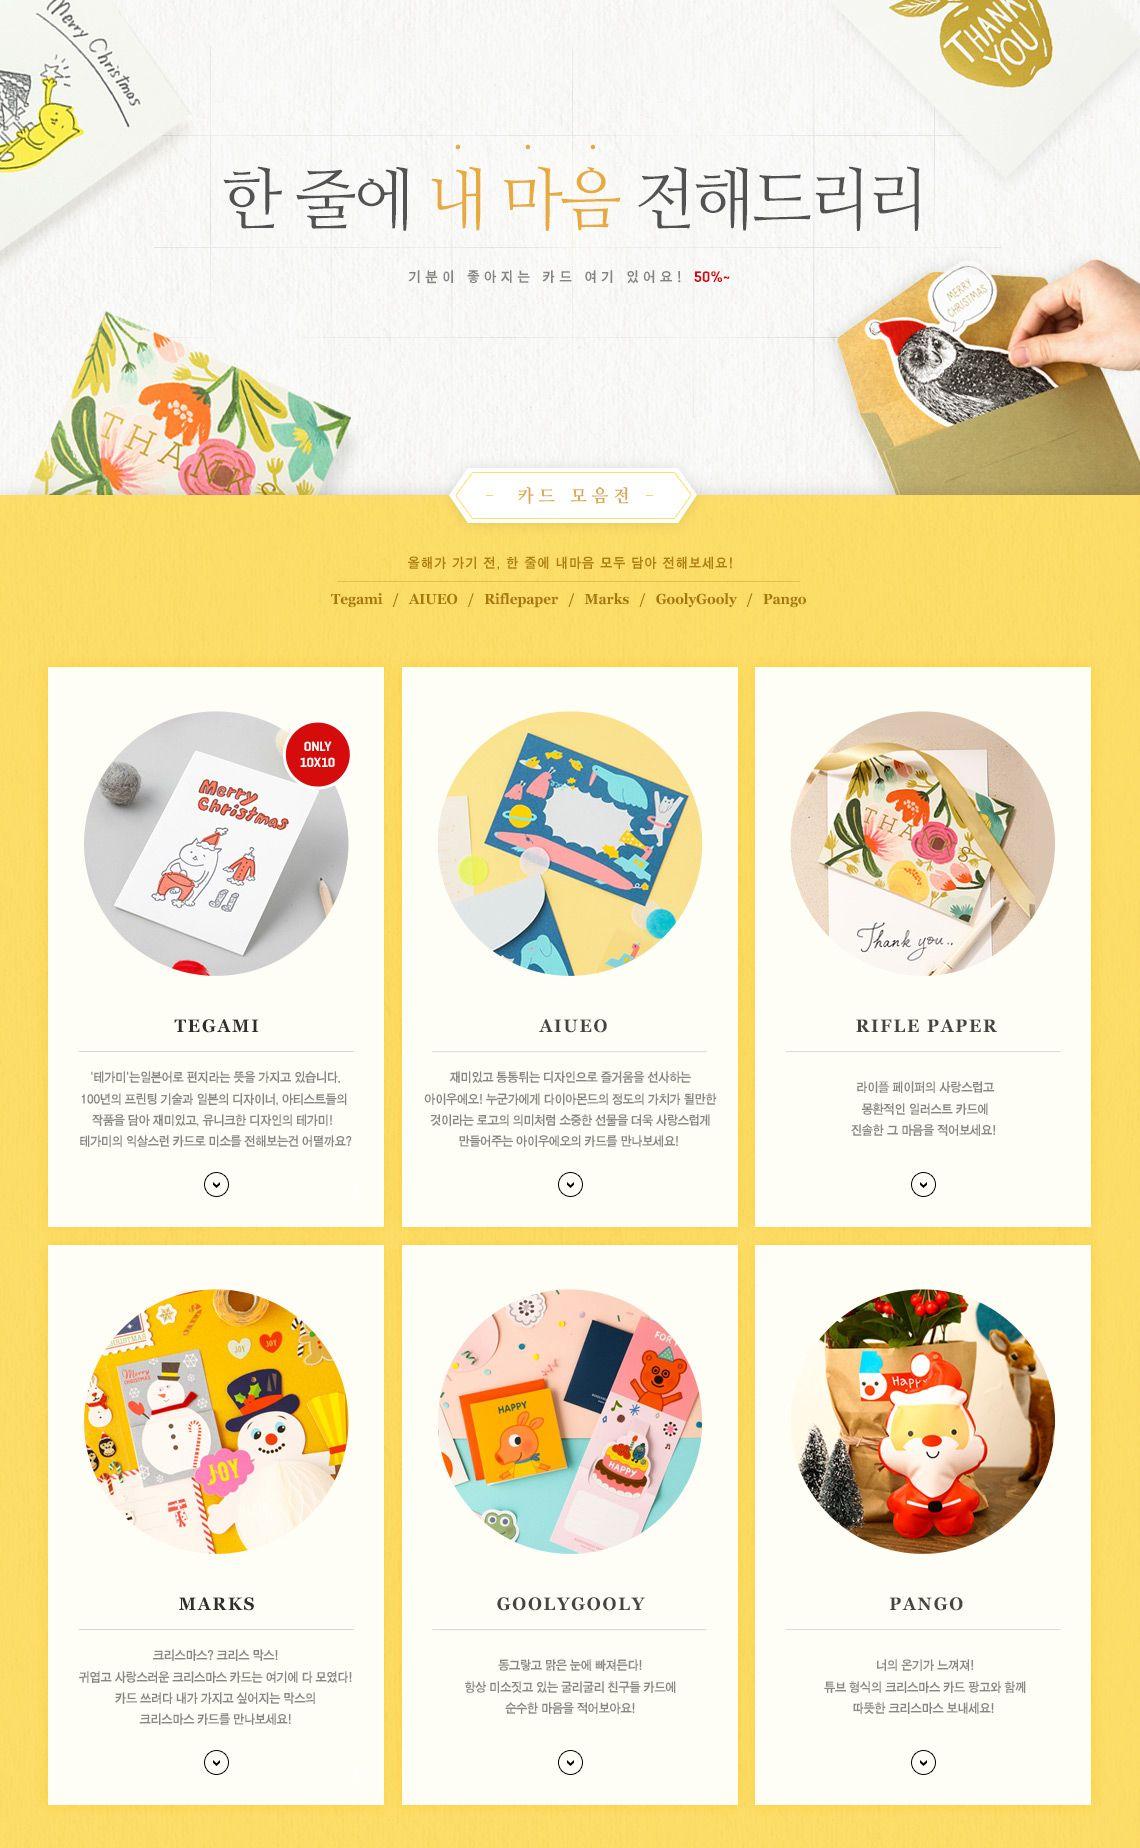 General Bea에 있는 Tung Phan님의 핀 판촉물 디자인 웹디자인 웹 레이아웃